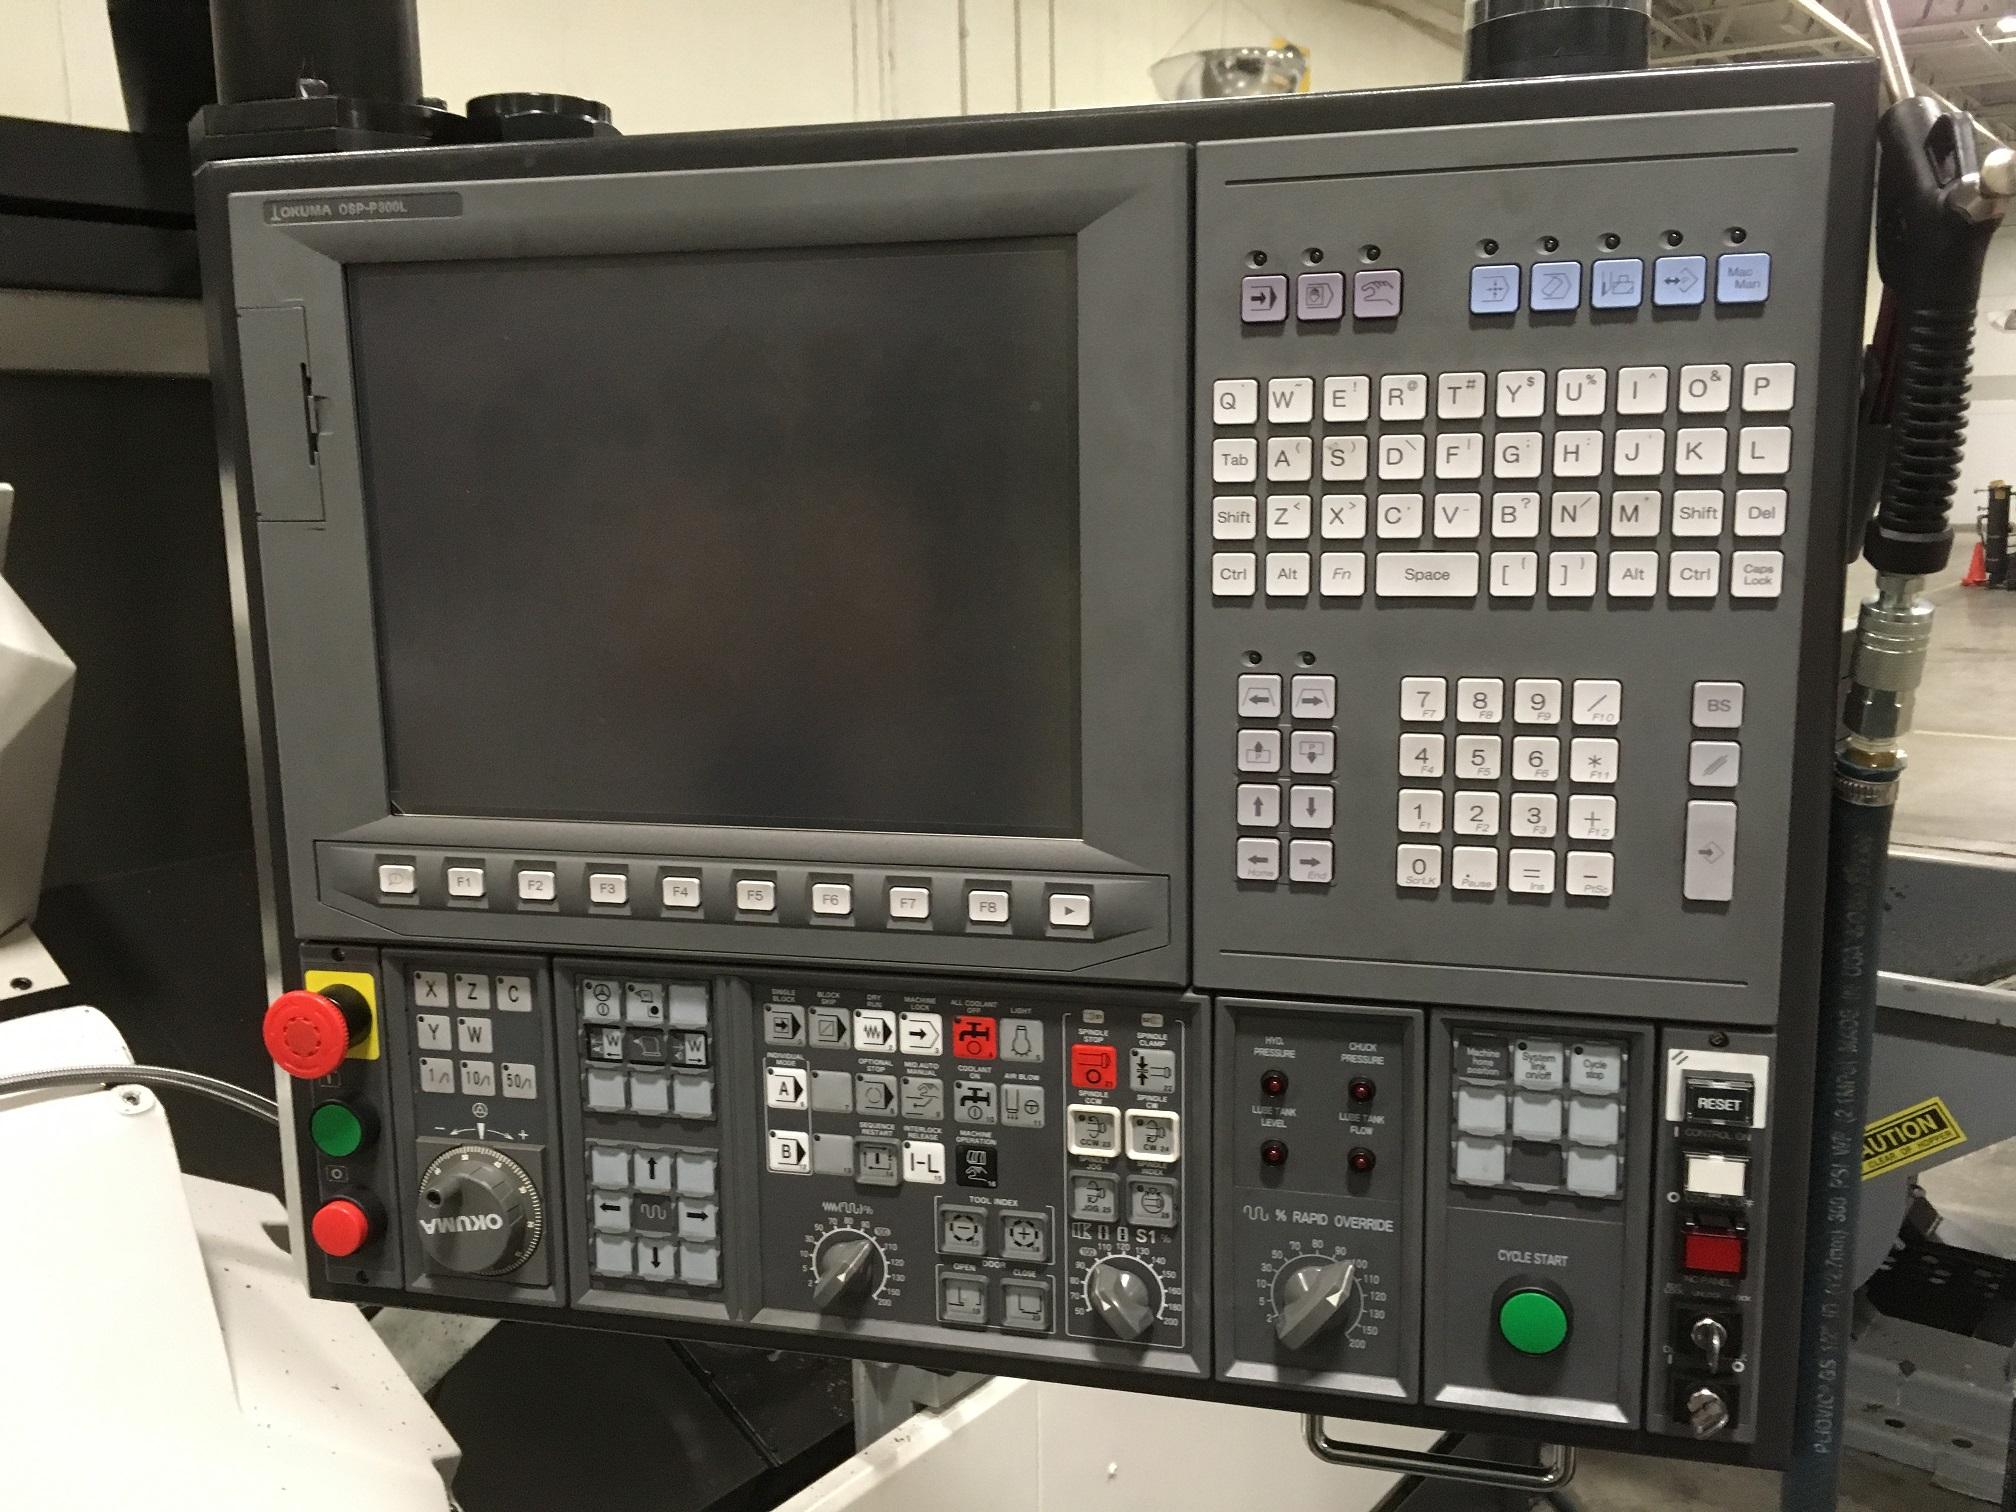 Okuma LB 4000EX-II/1500